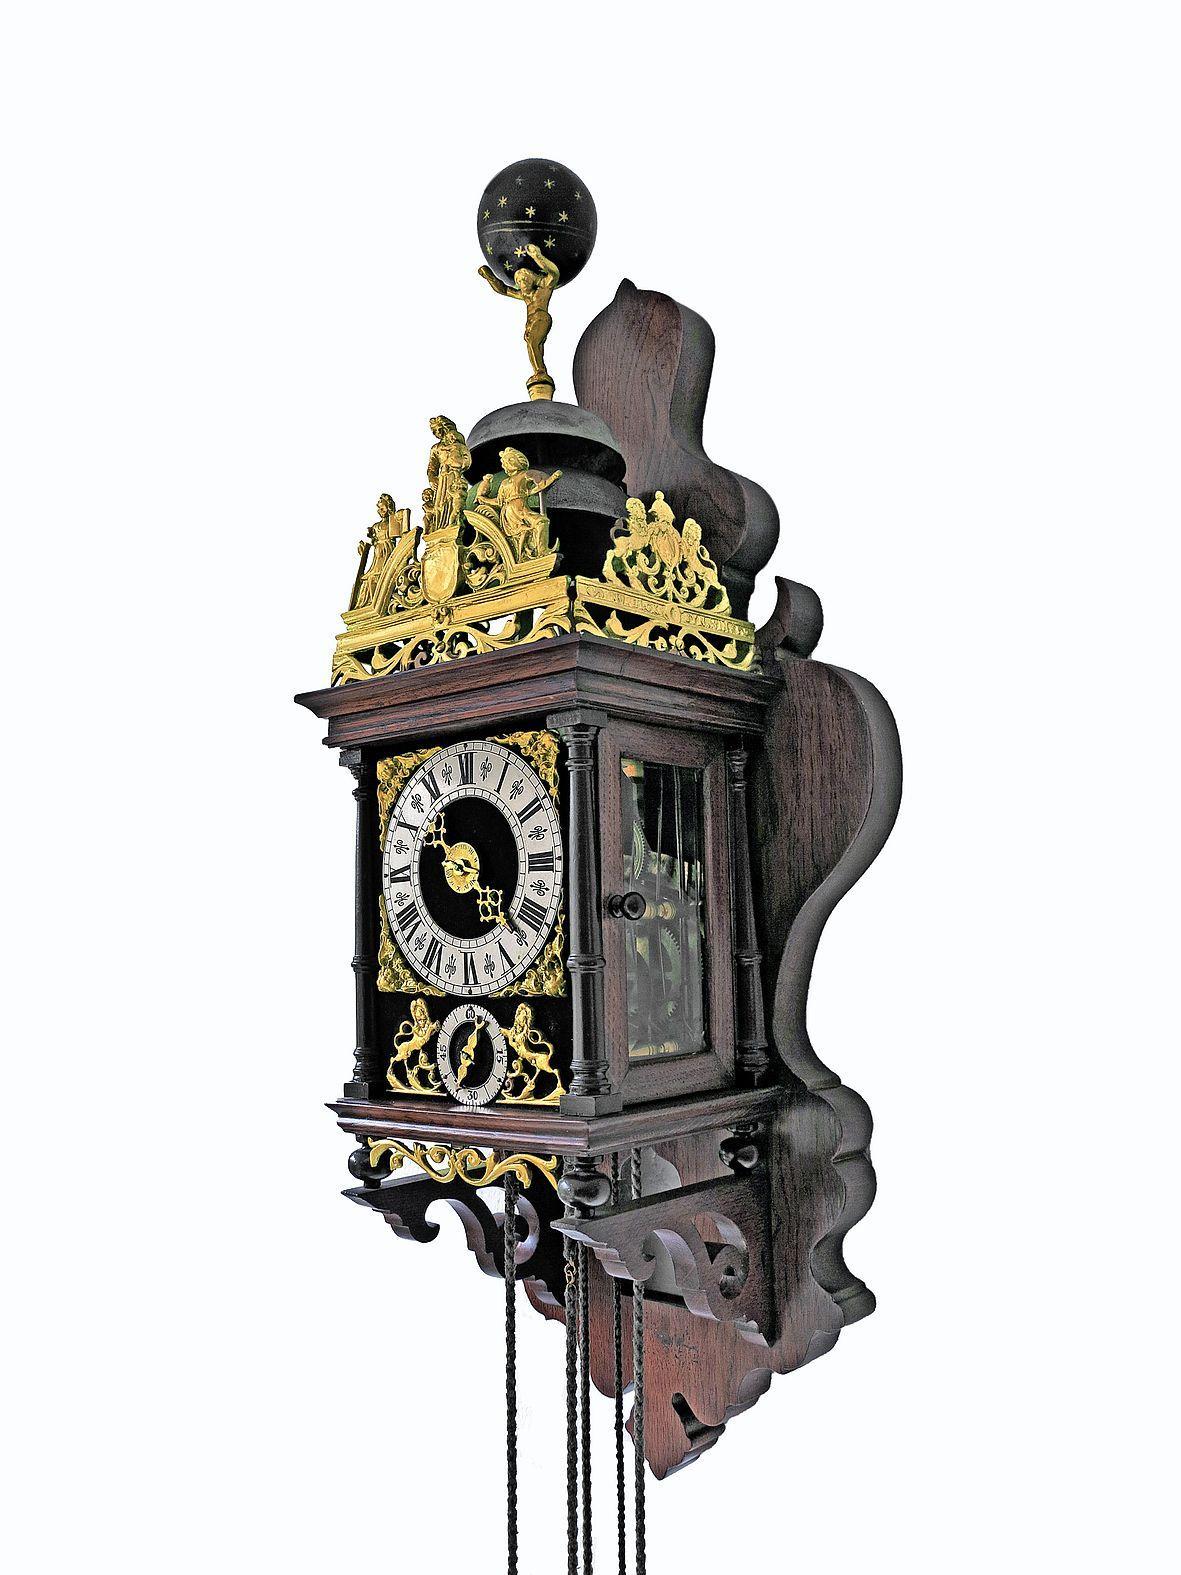 Klok keert terug bij Heemskerks kasteel. Geschiedenis Assumburg verstopt in een eeuwenoude Zaanse klok